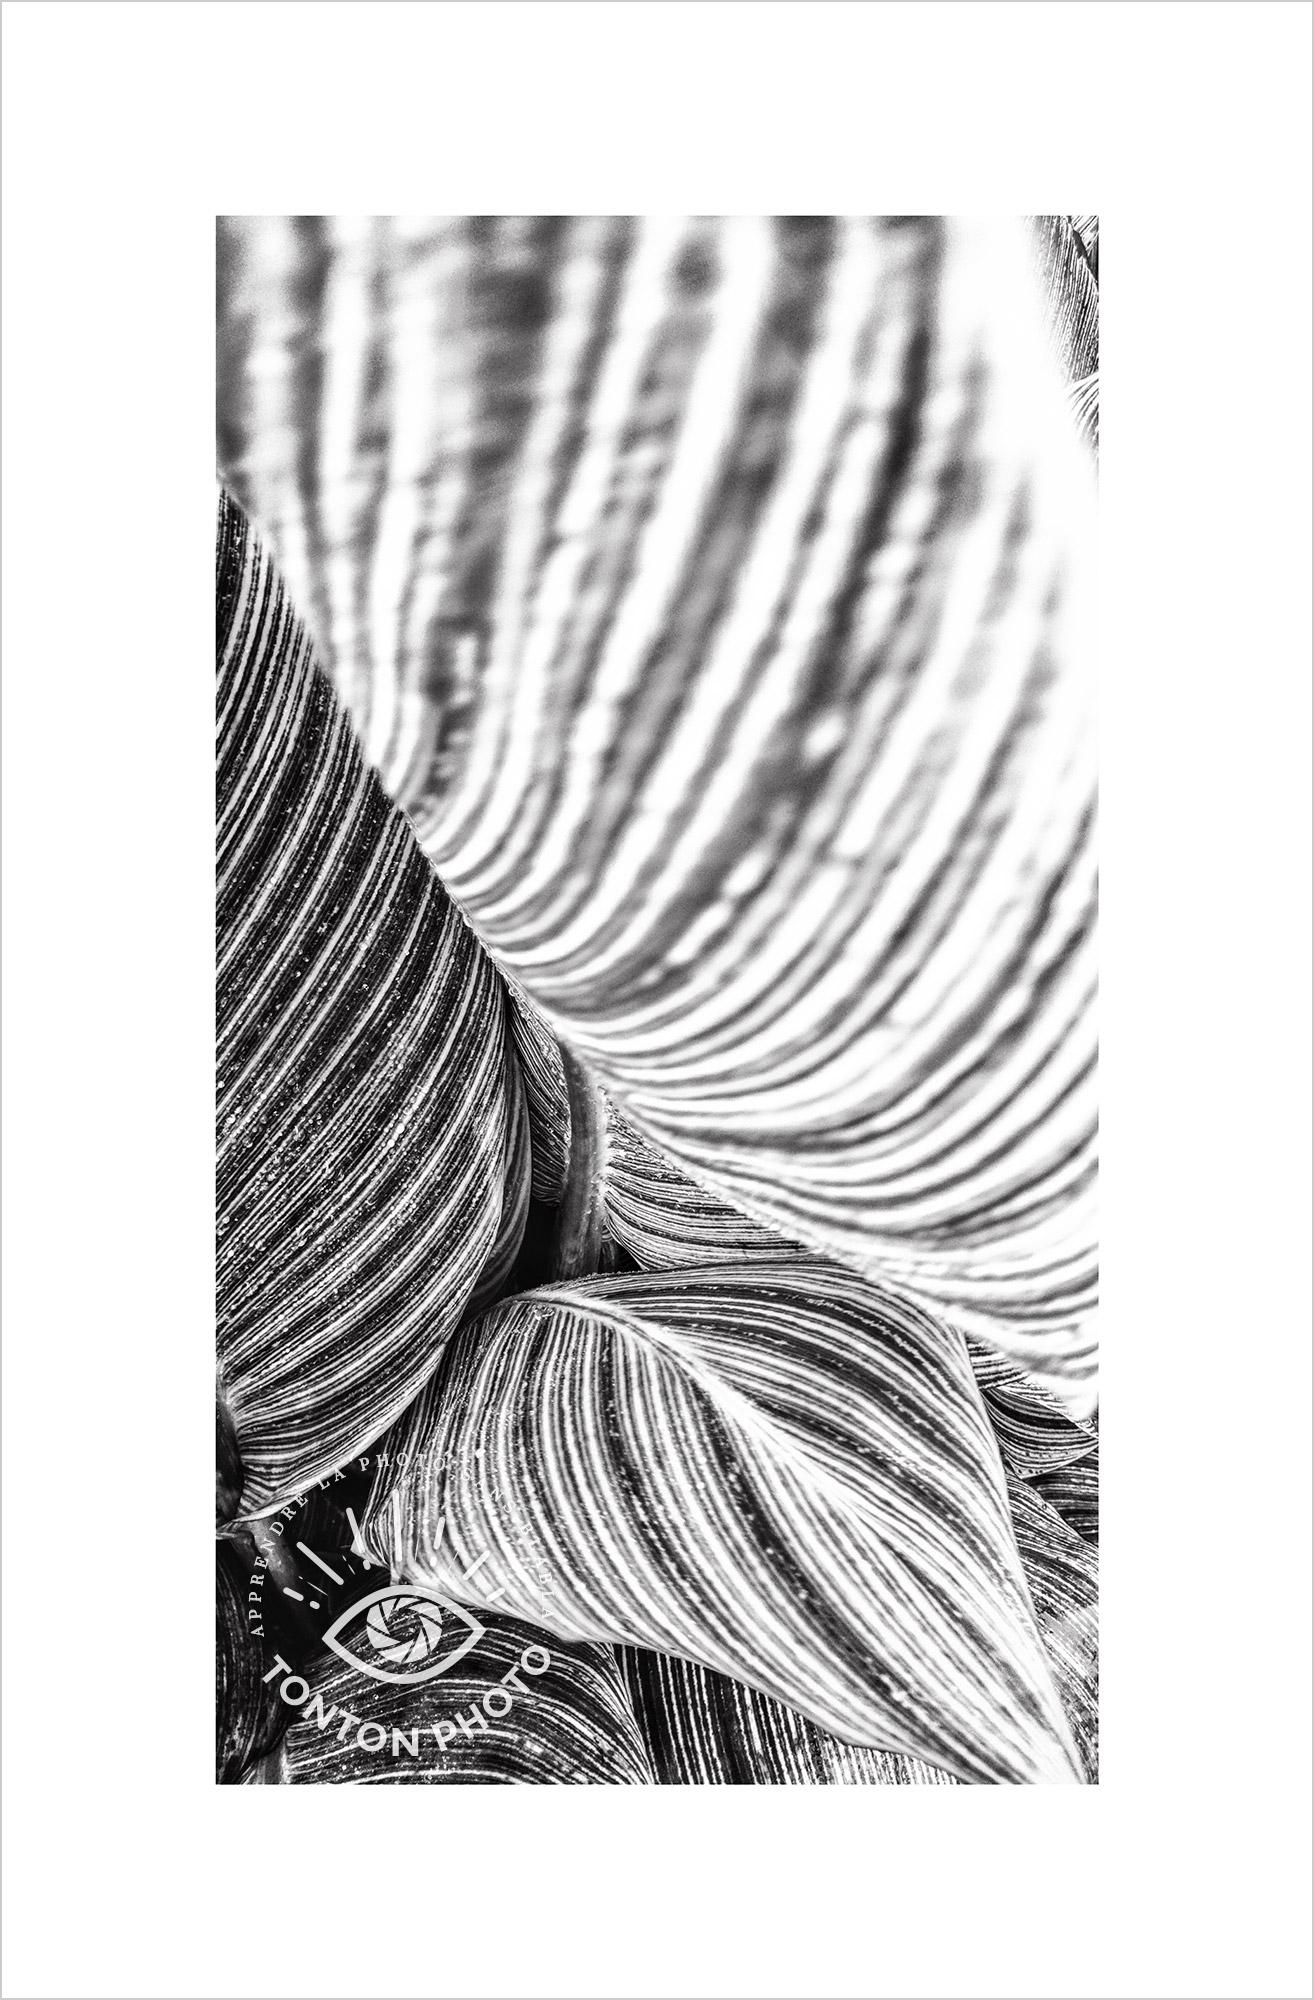 Jeu d'ombre et de lumière à travers les feuilles larges d'une jolie plante verte sur un parterre communal. Photo prise au smartphone LG G4 © Tonton Photo